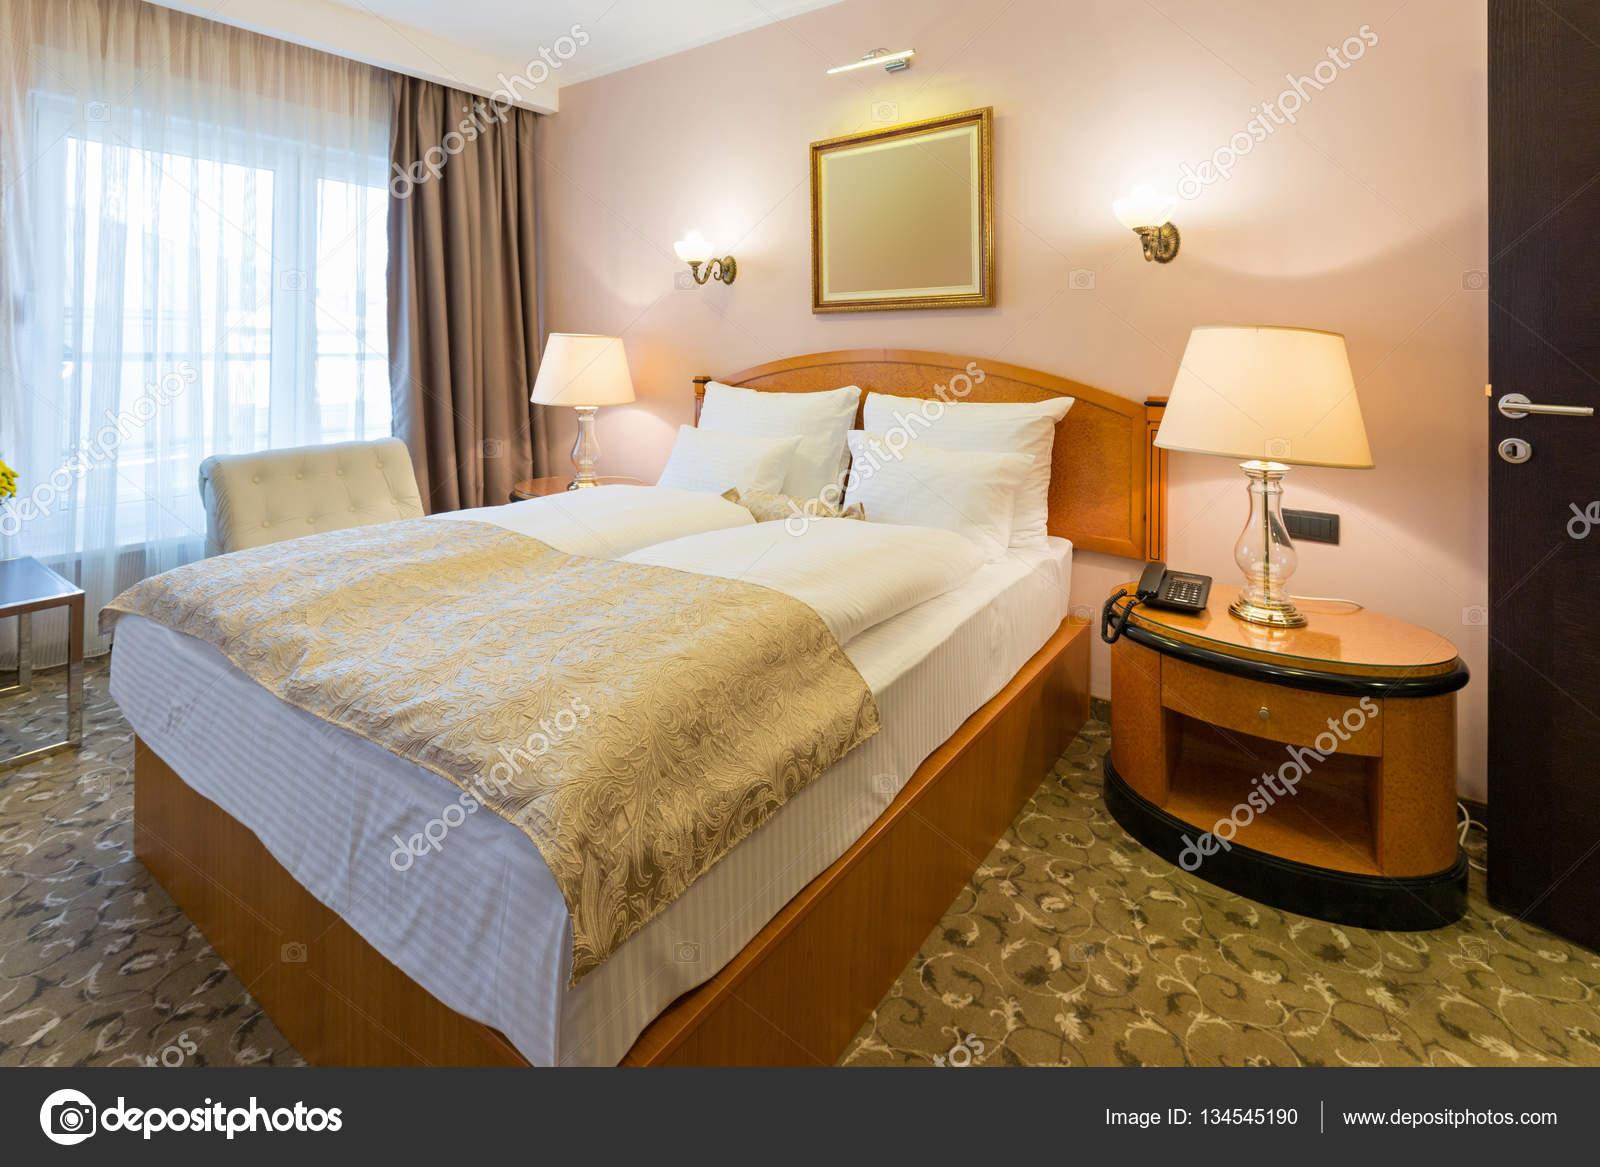 Neues schlafzimmer mako brokat damast bettw sche - Neues schlafzimmer ...